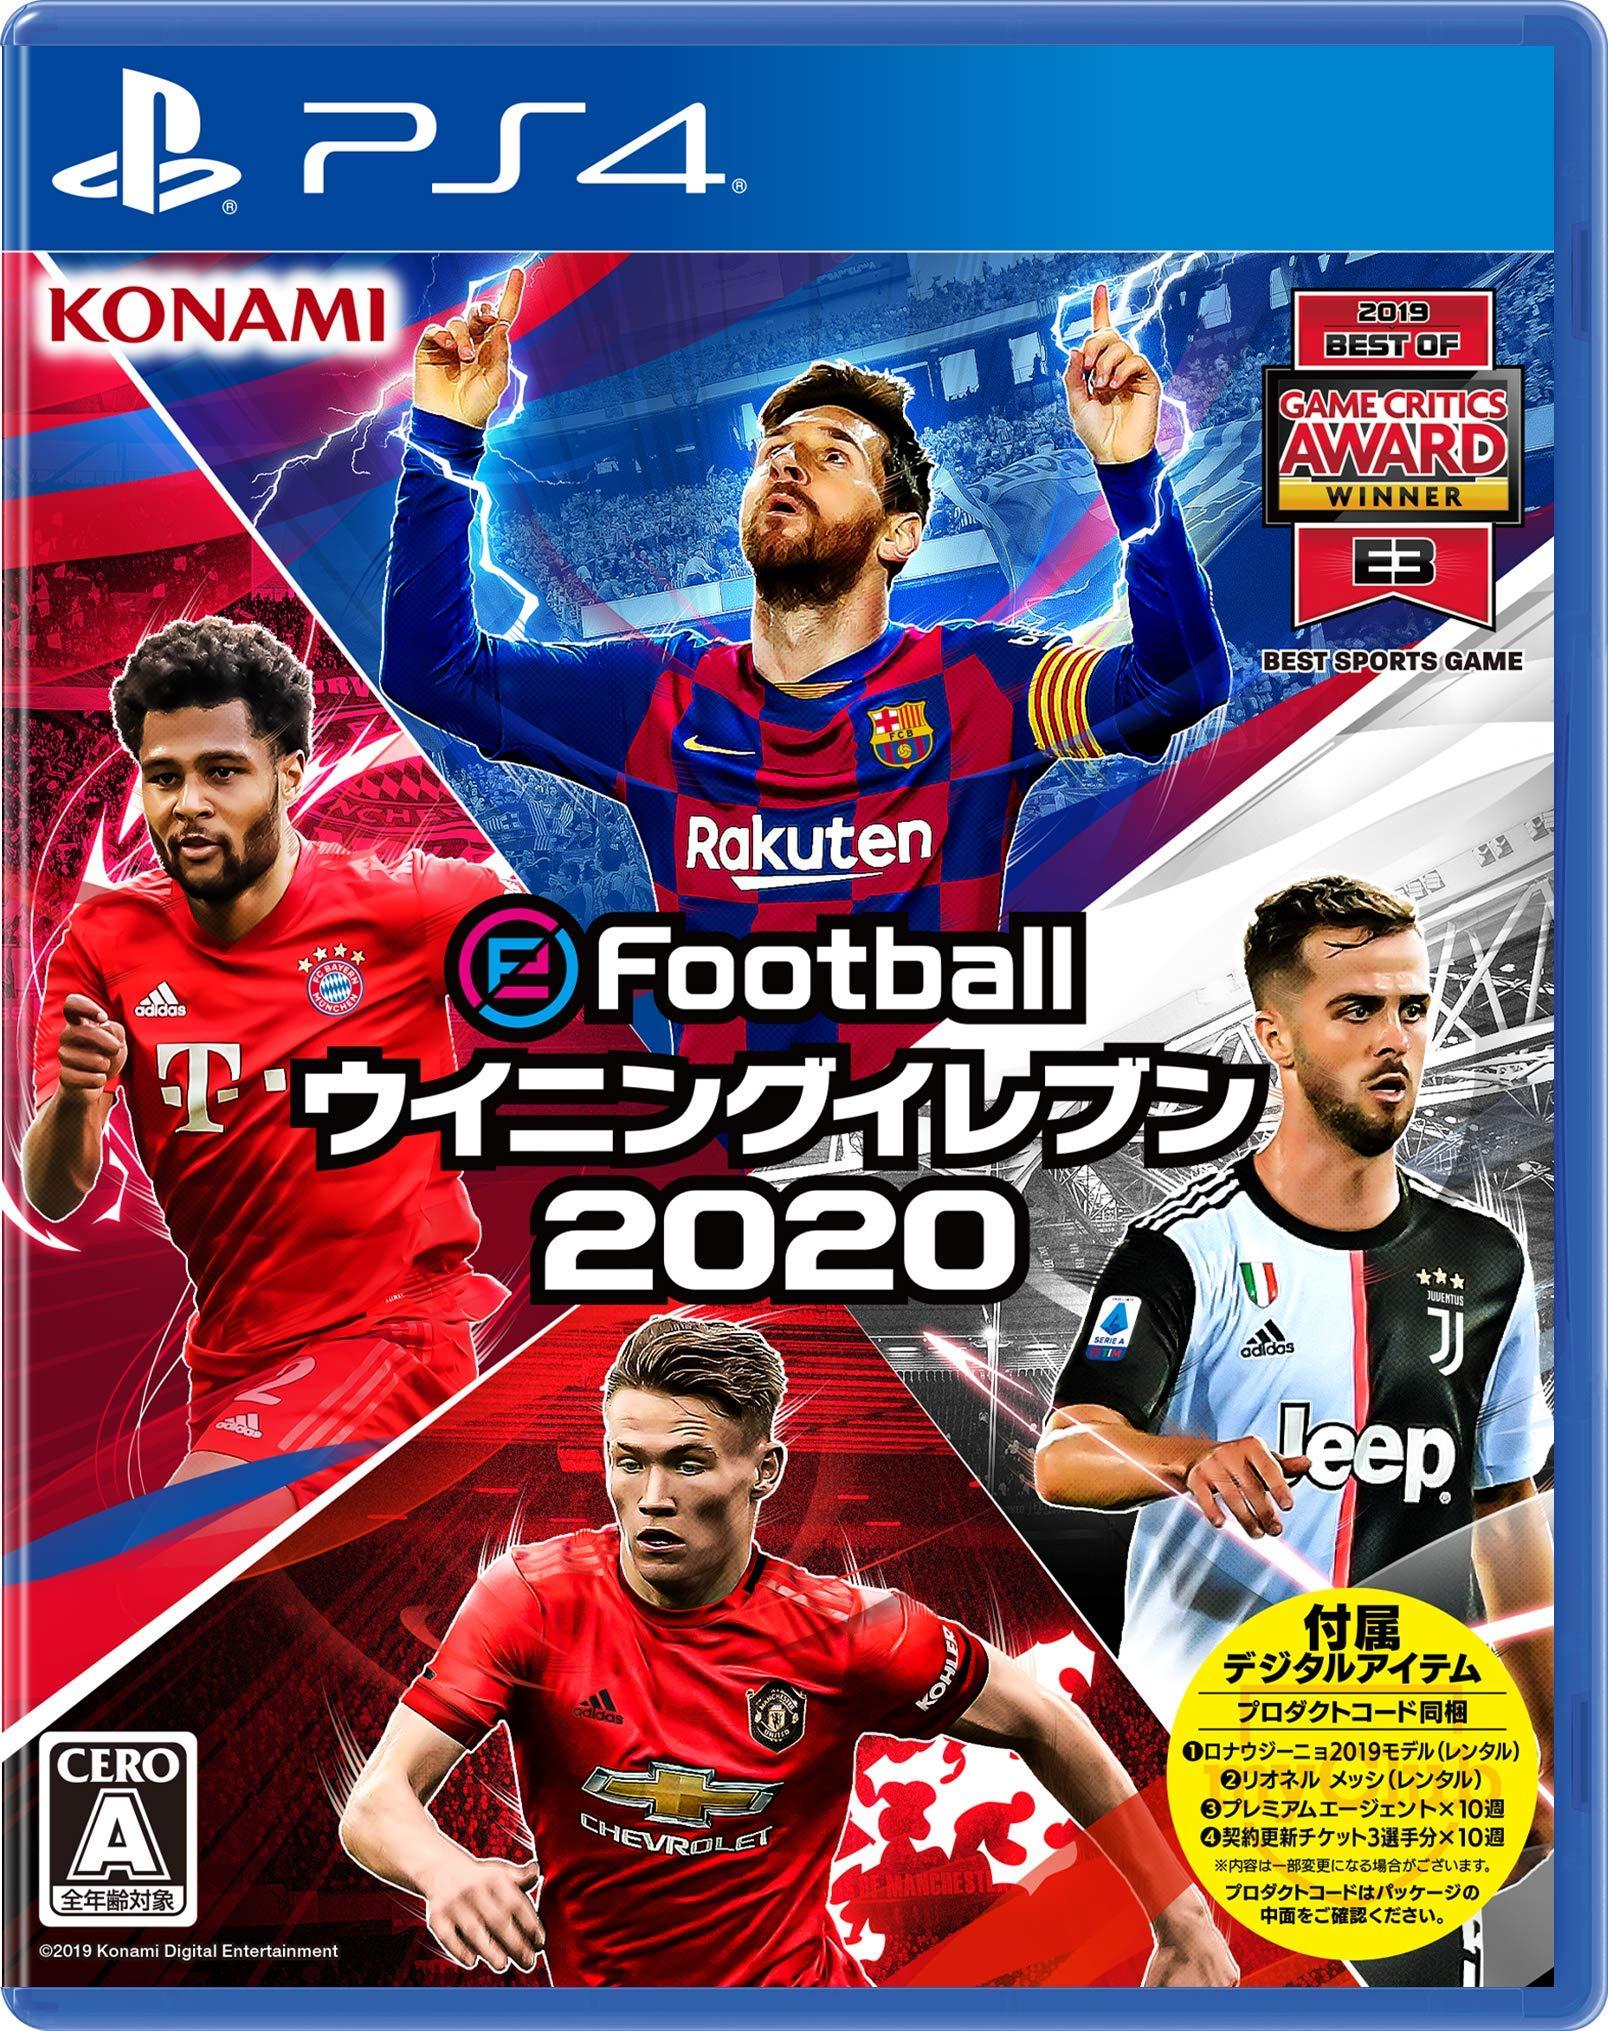 eFootball ウイニングイレブン 2020【Amazon.co.jp限定】オリジナルPC&スマホ壁紙 配信 - PS4